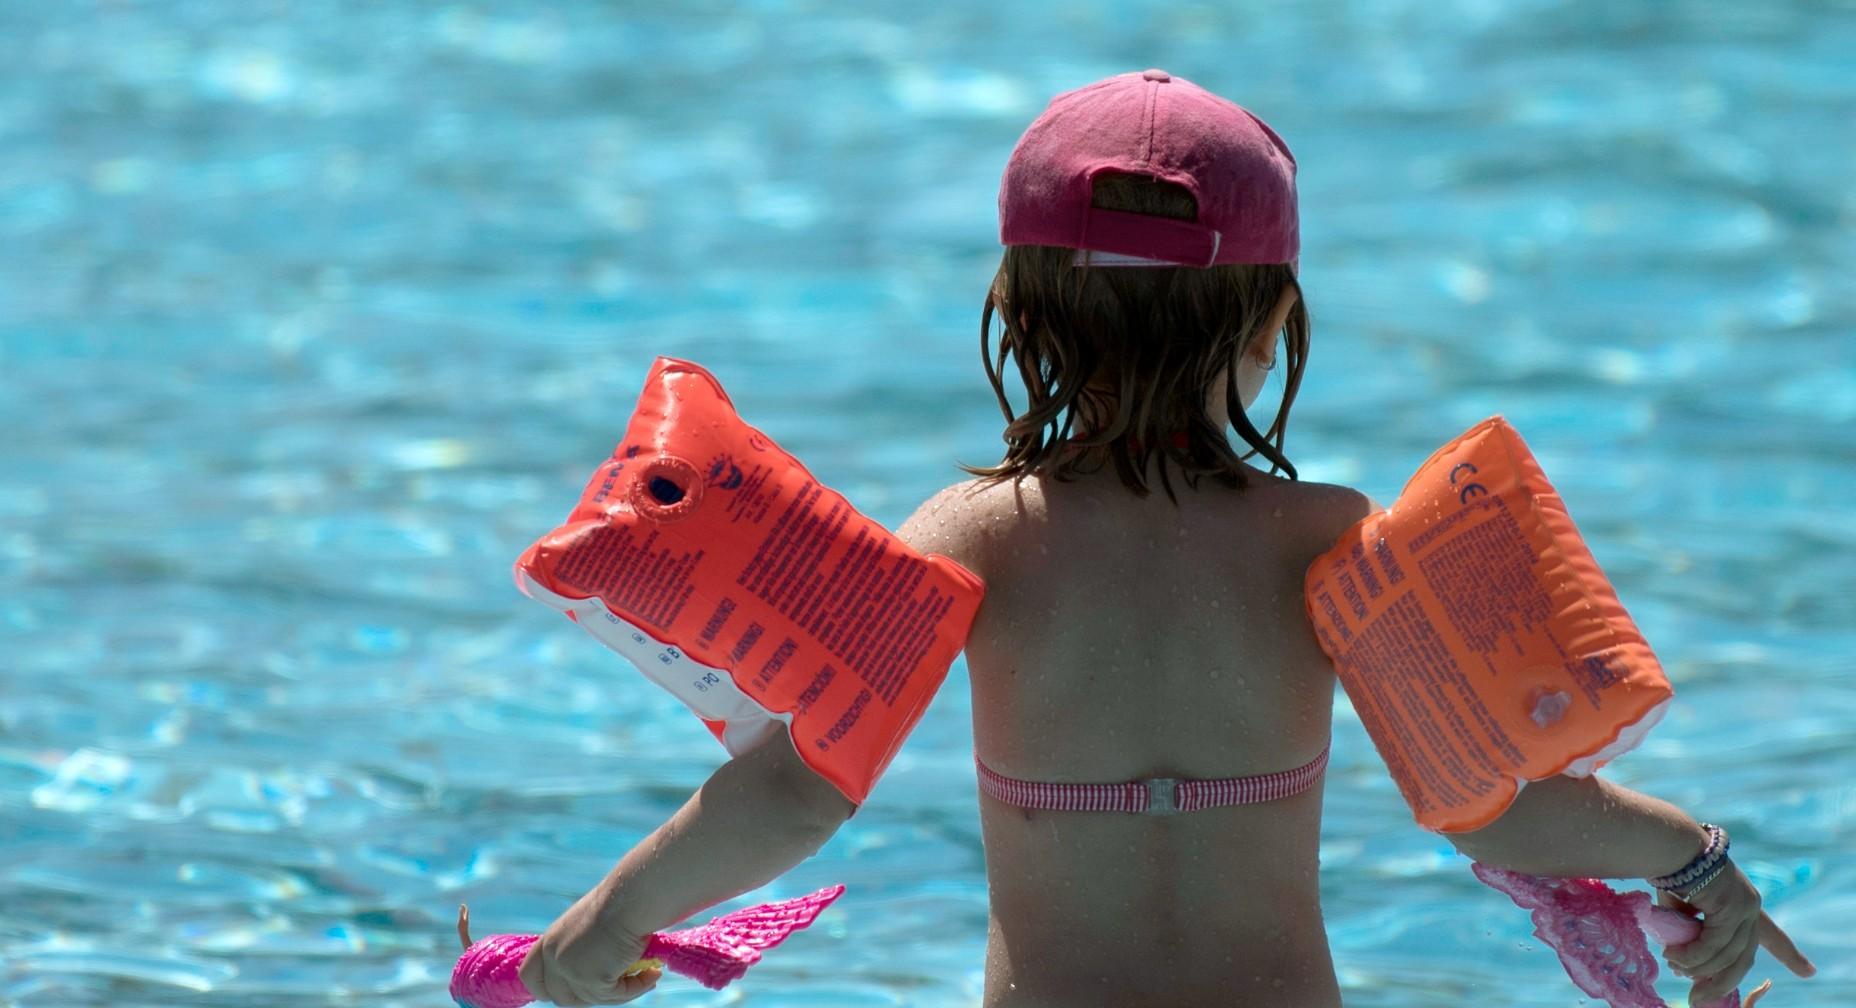 Dans un 1 cas sur 4, les noyades accidentelles se révèlent fatales